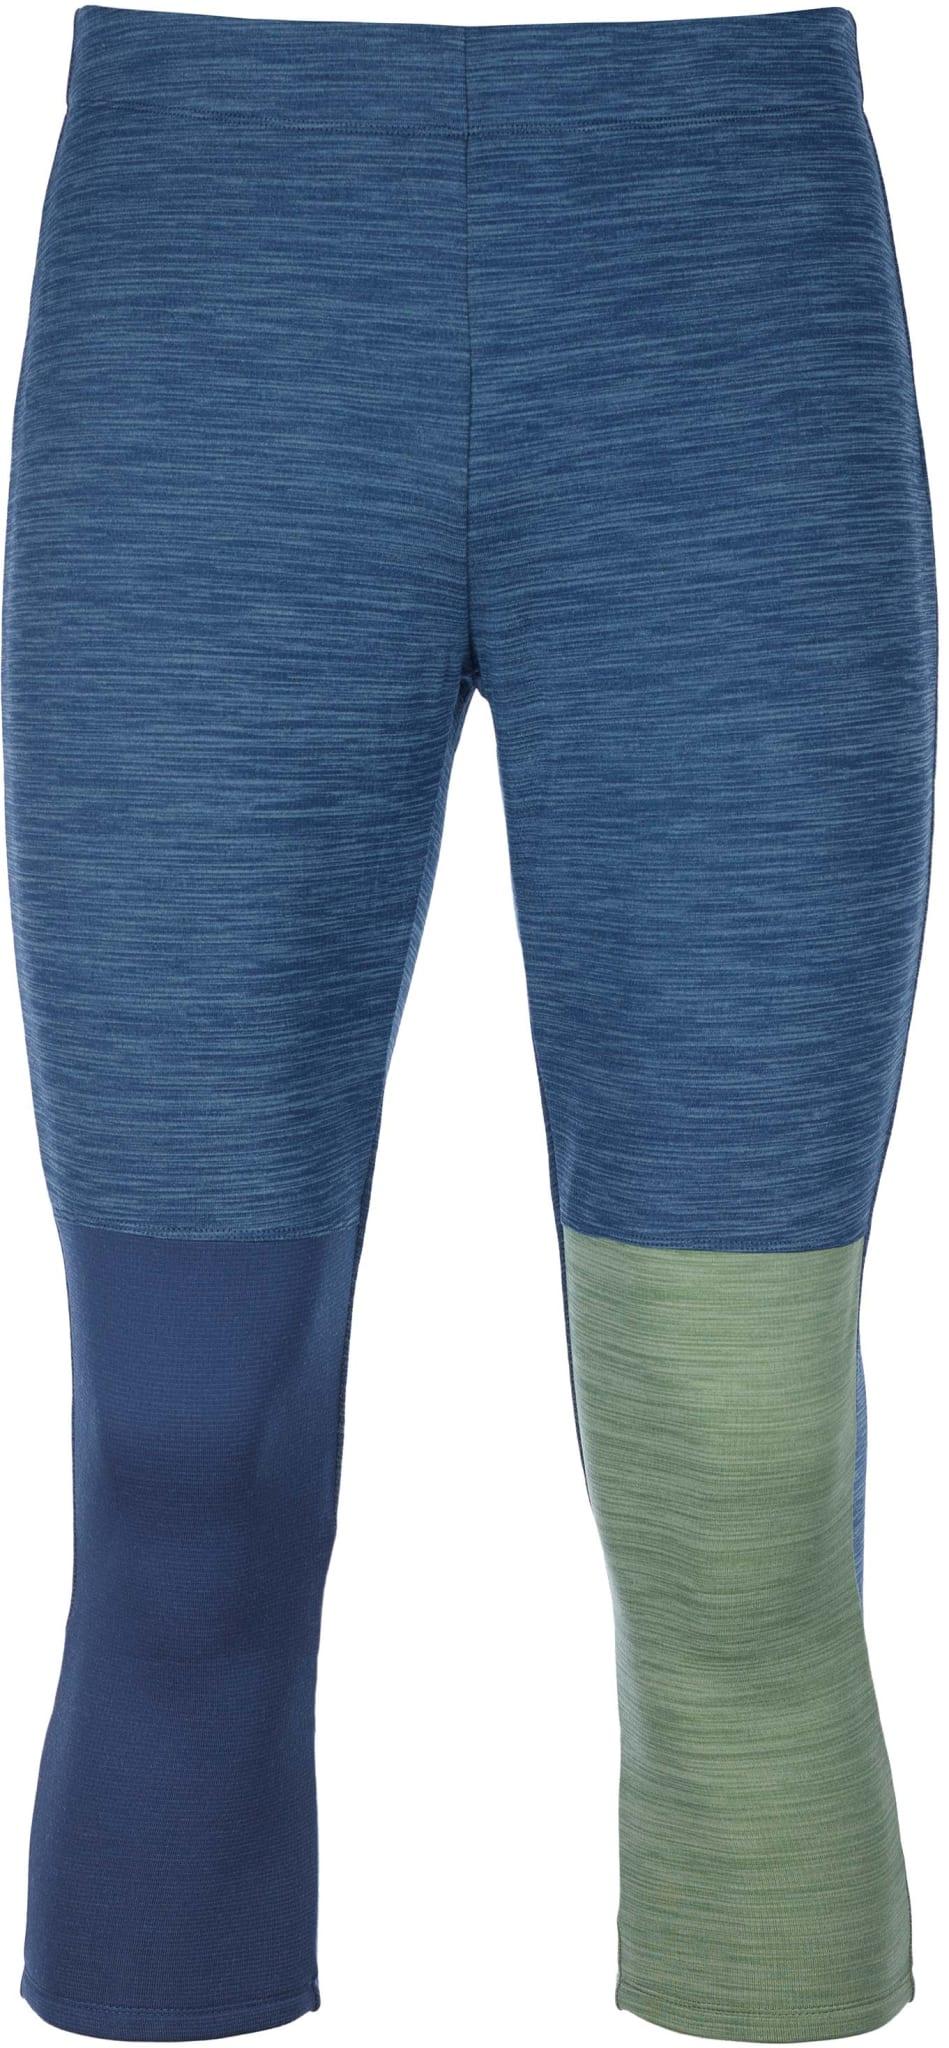 Fleece Light Short Pant M